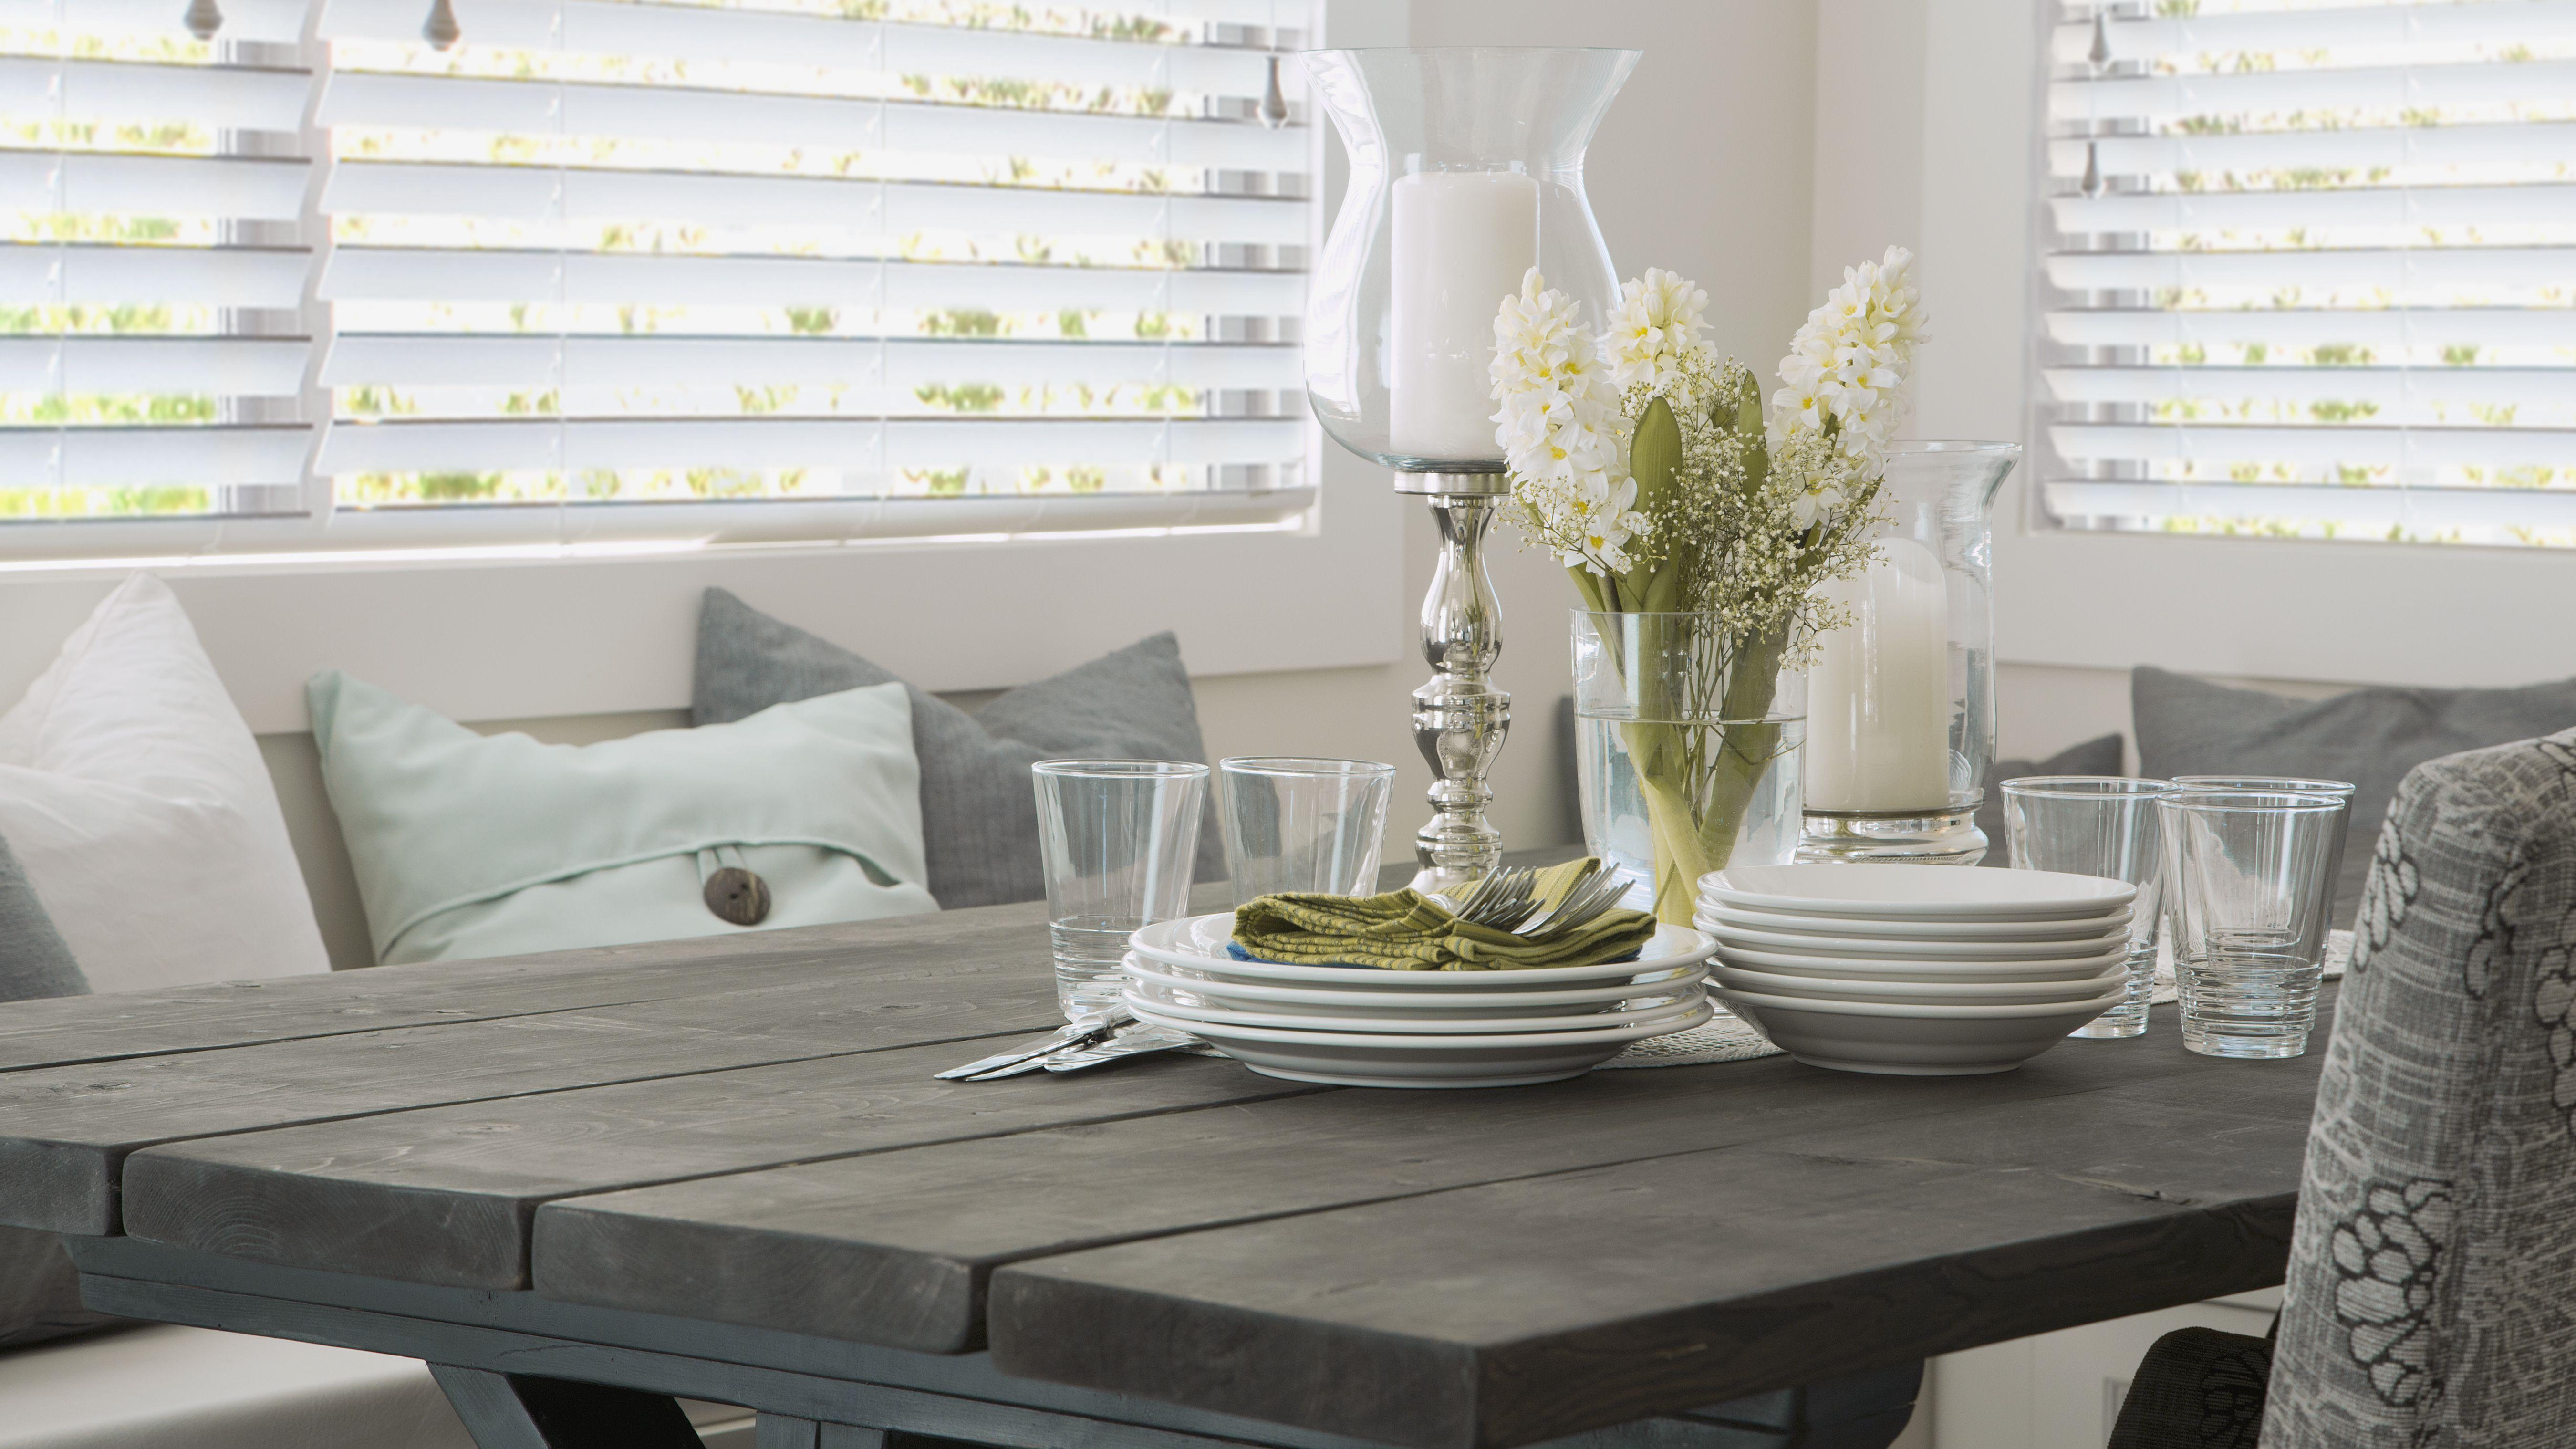 15 Gray Dining Room Design Ideas